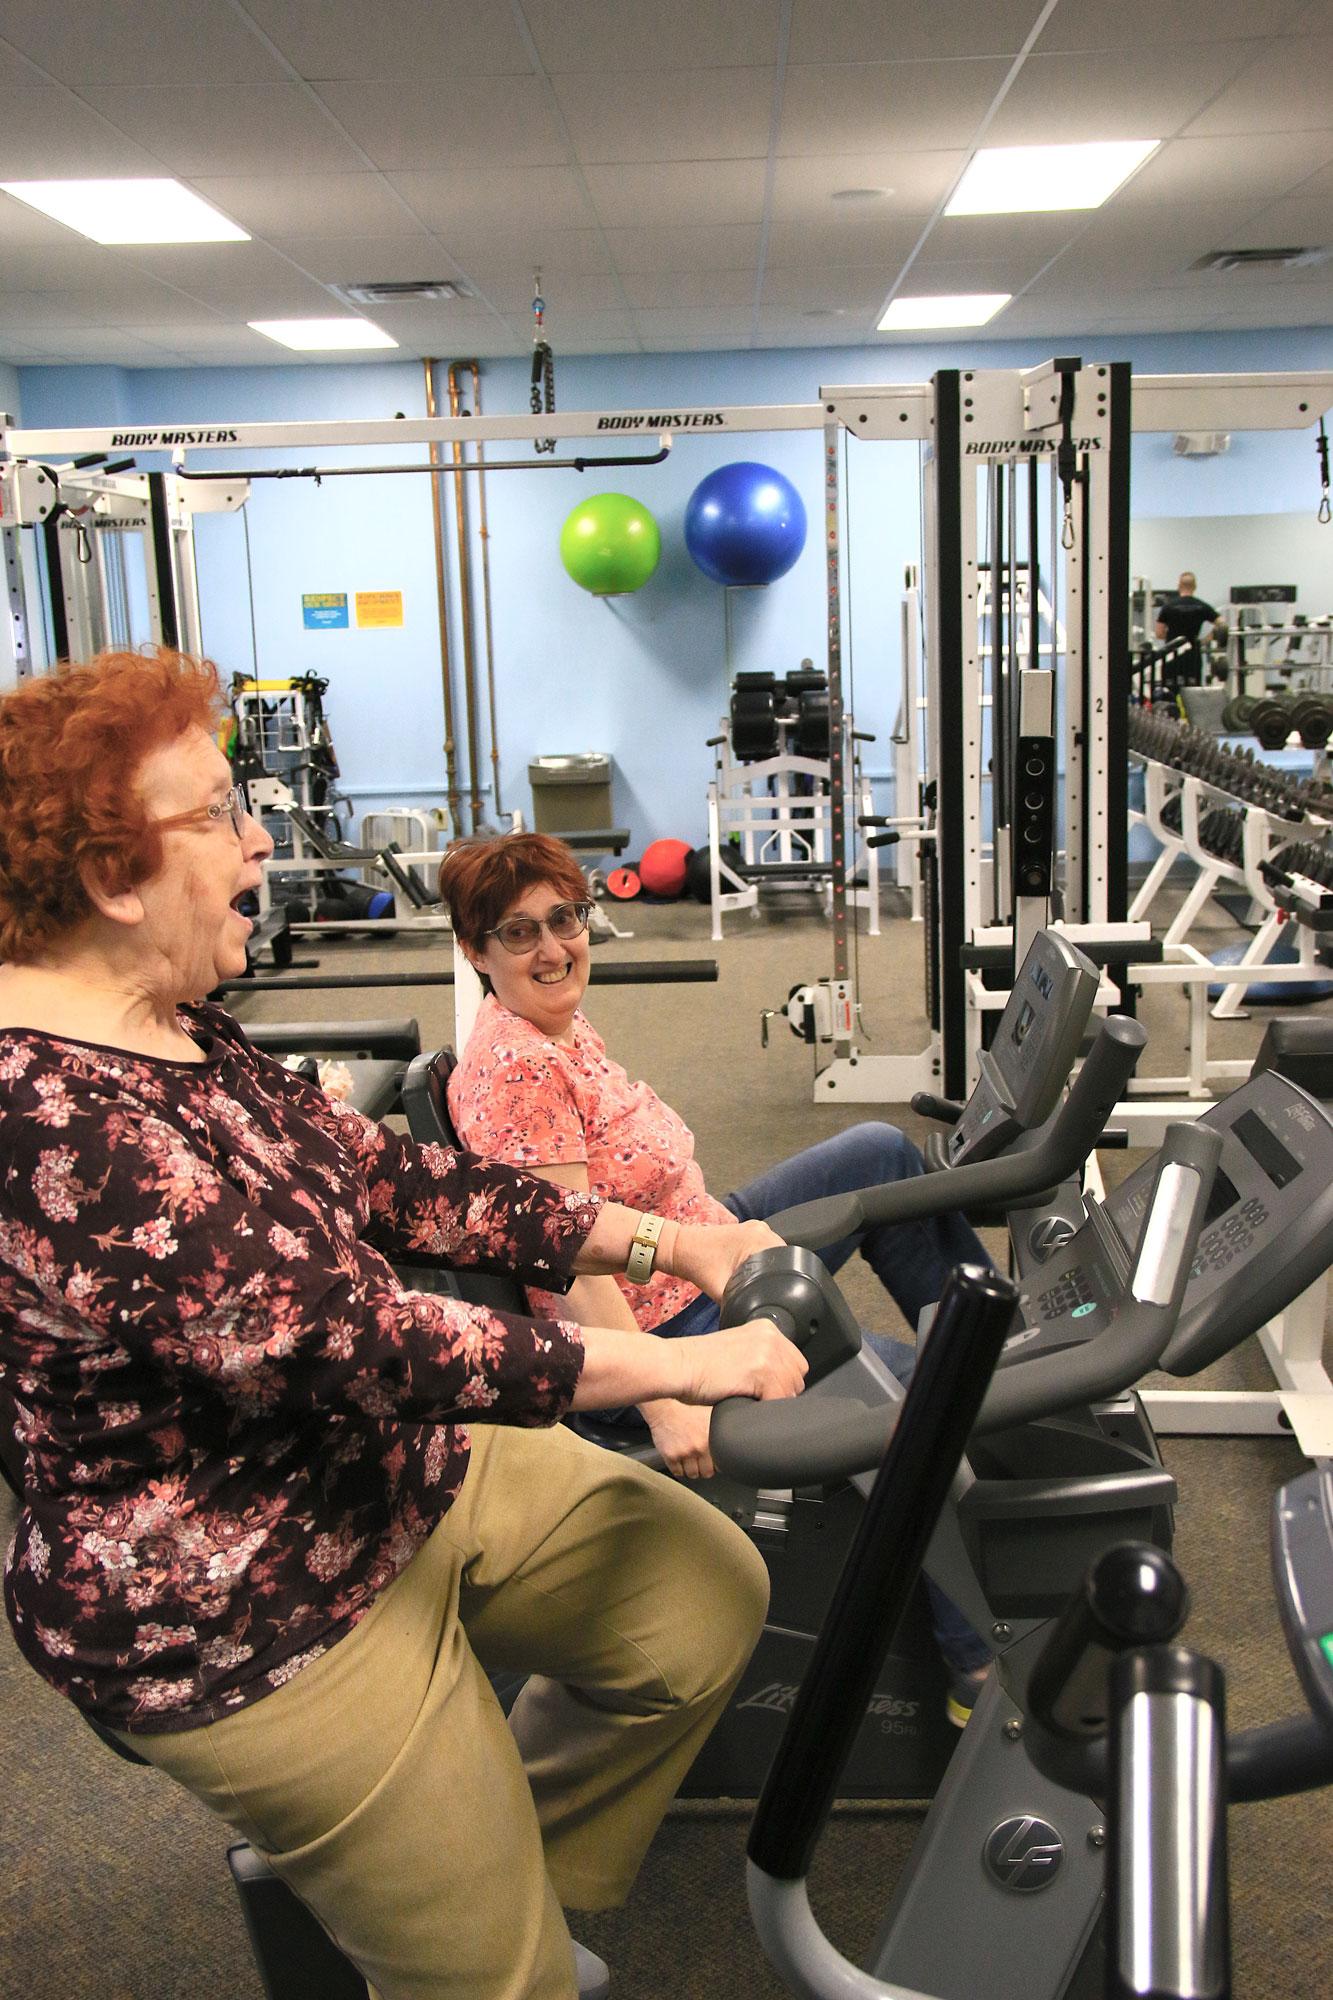 Planet Fitness Henrietta Ny : planet, fitness, henrietta, Effort, Training